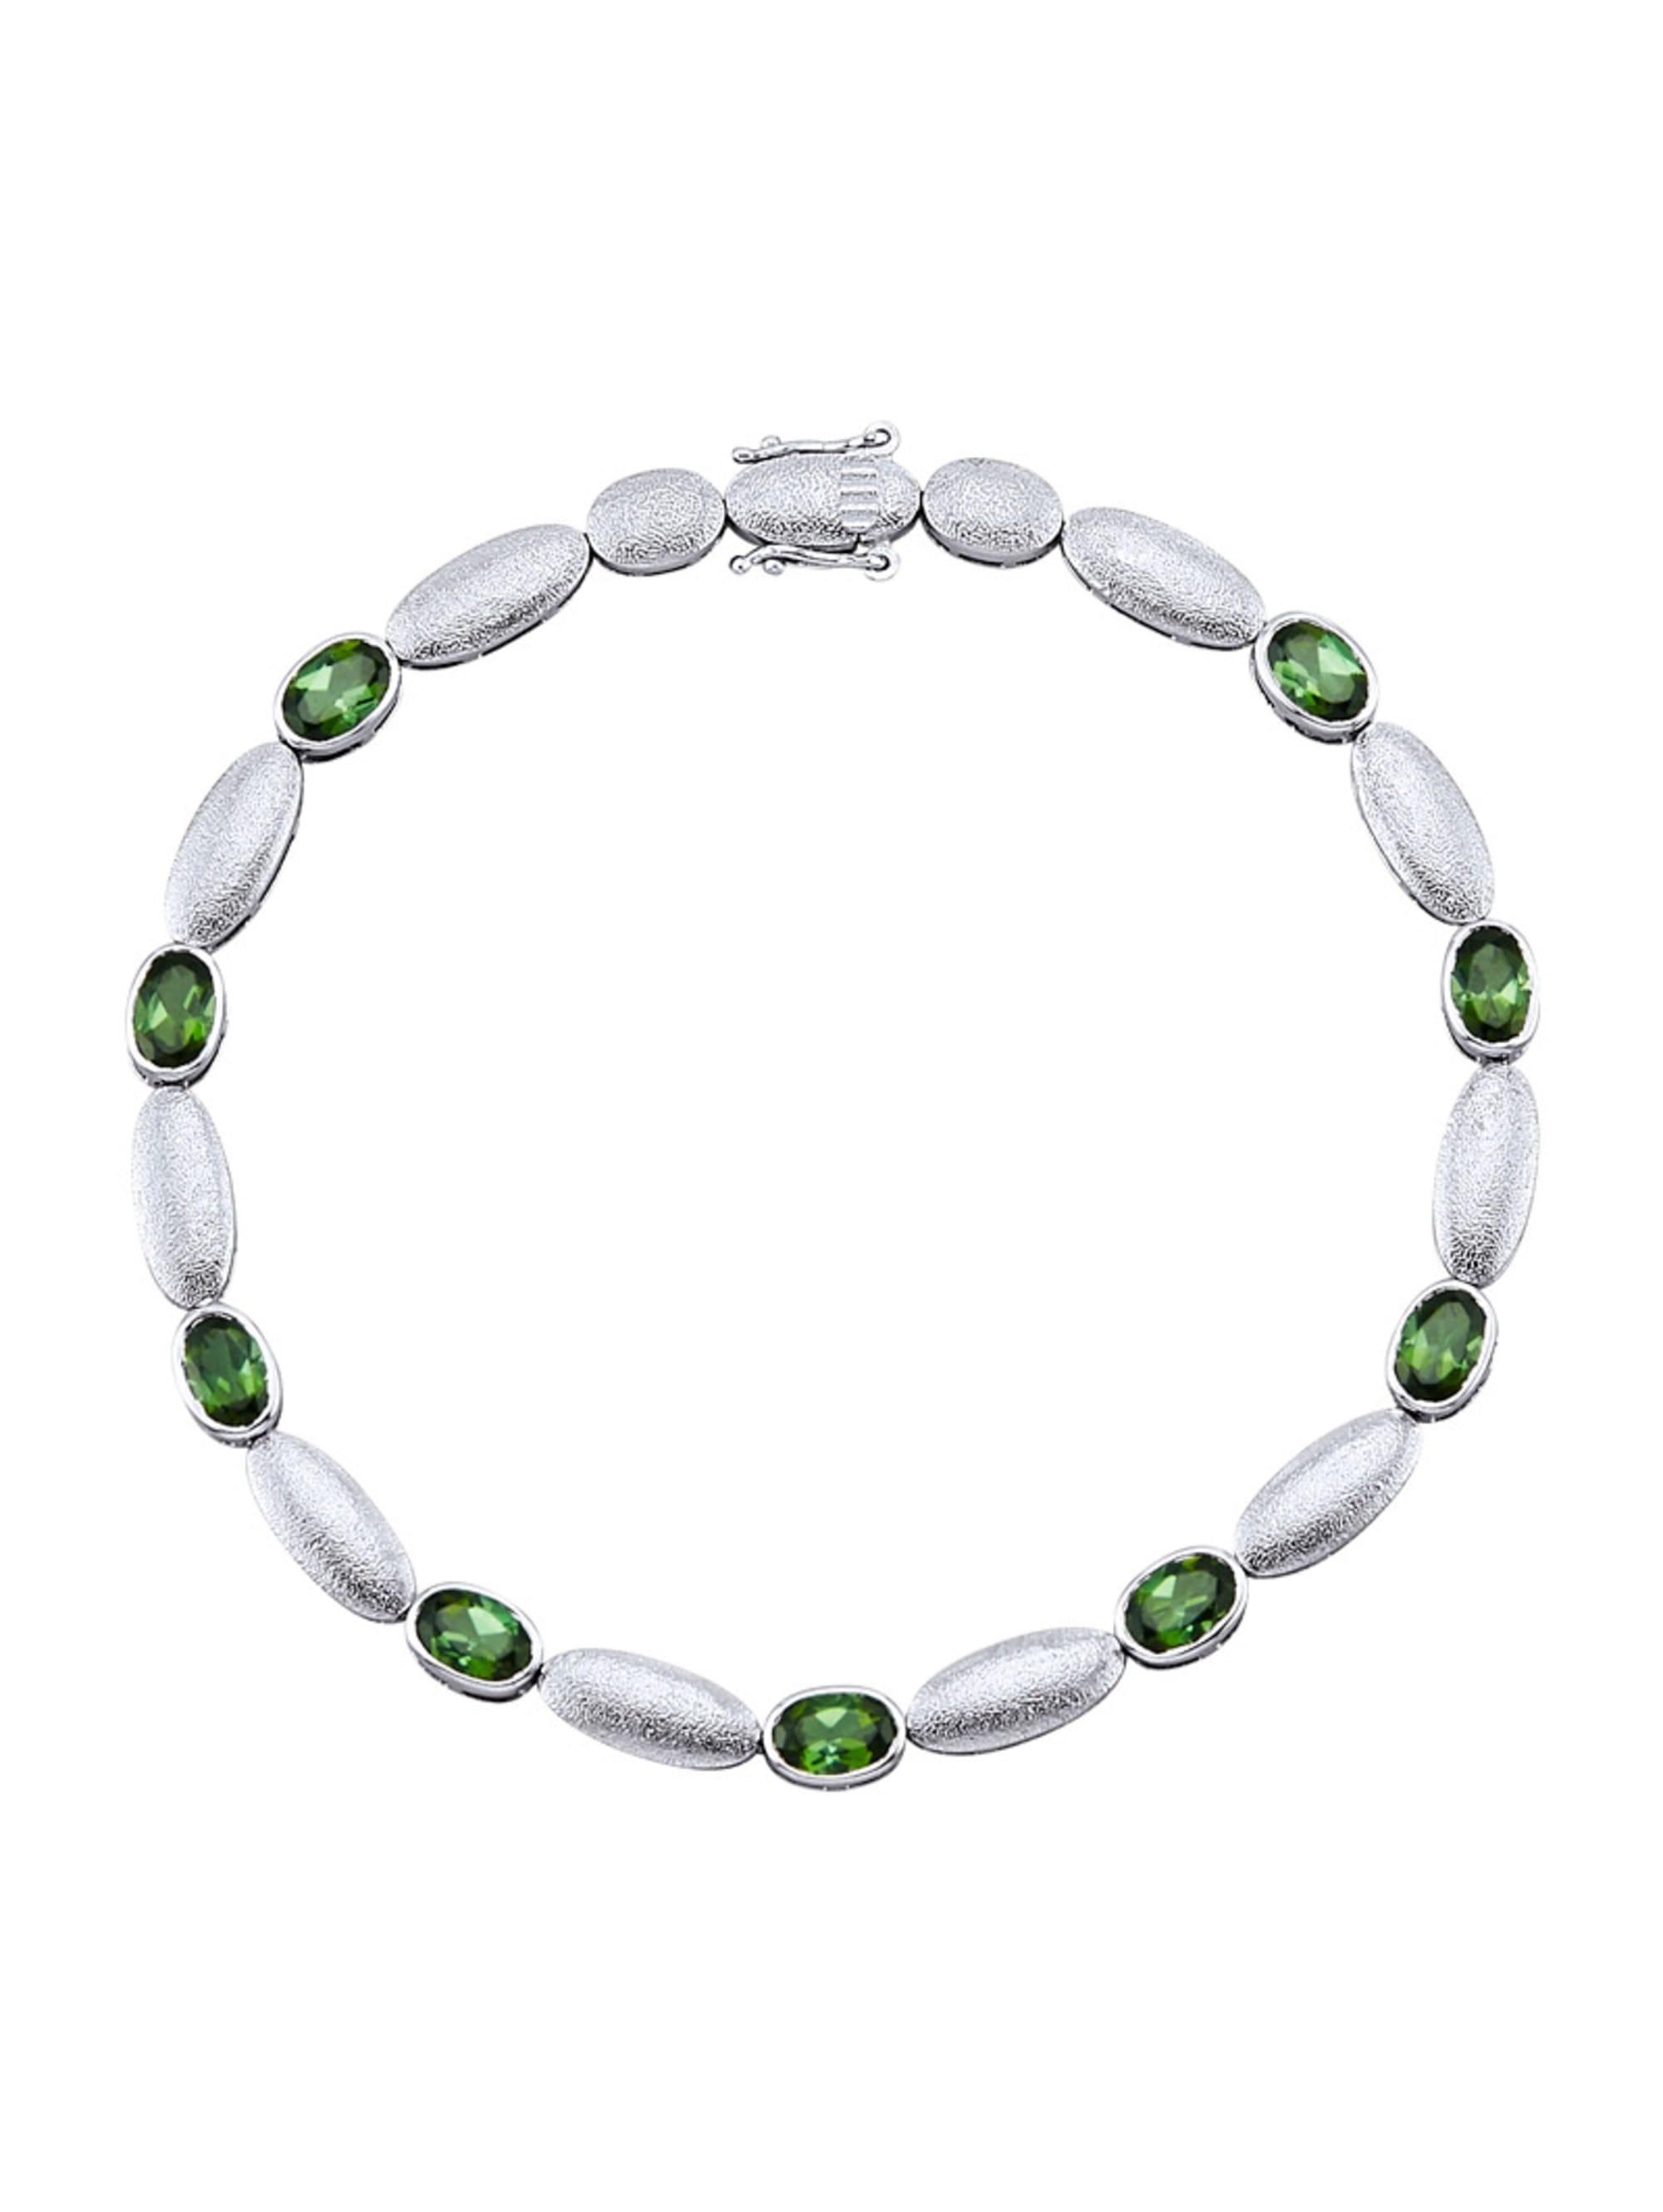 Diemer Platin Armband mit grünen Turmalinen wmTAK